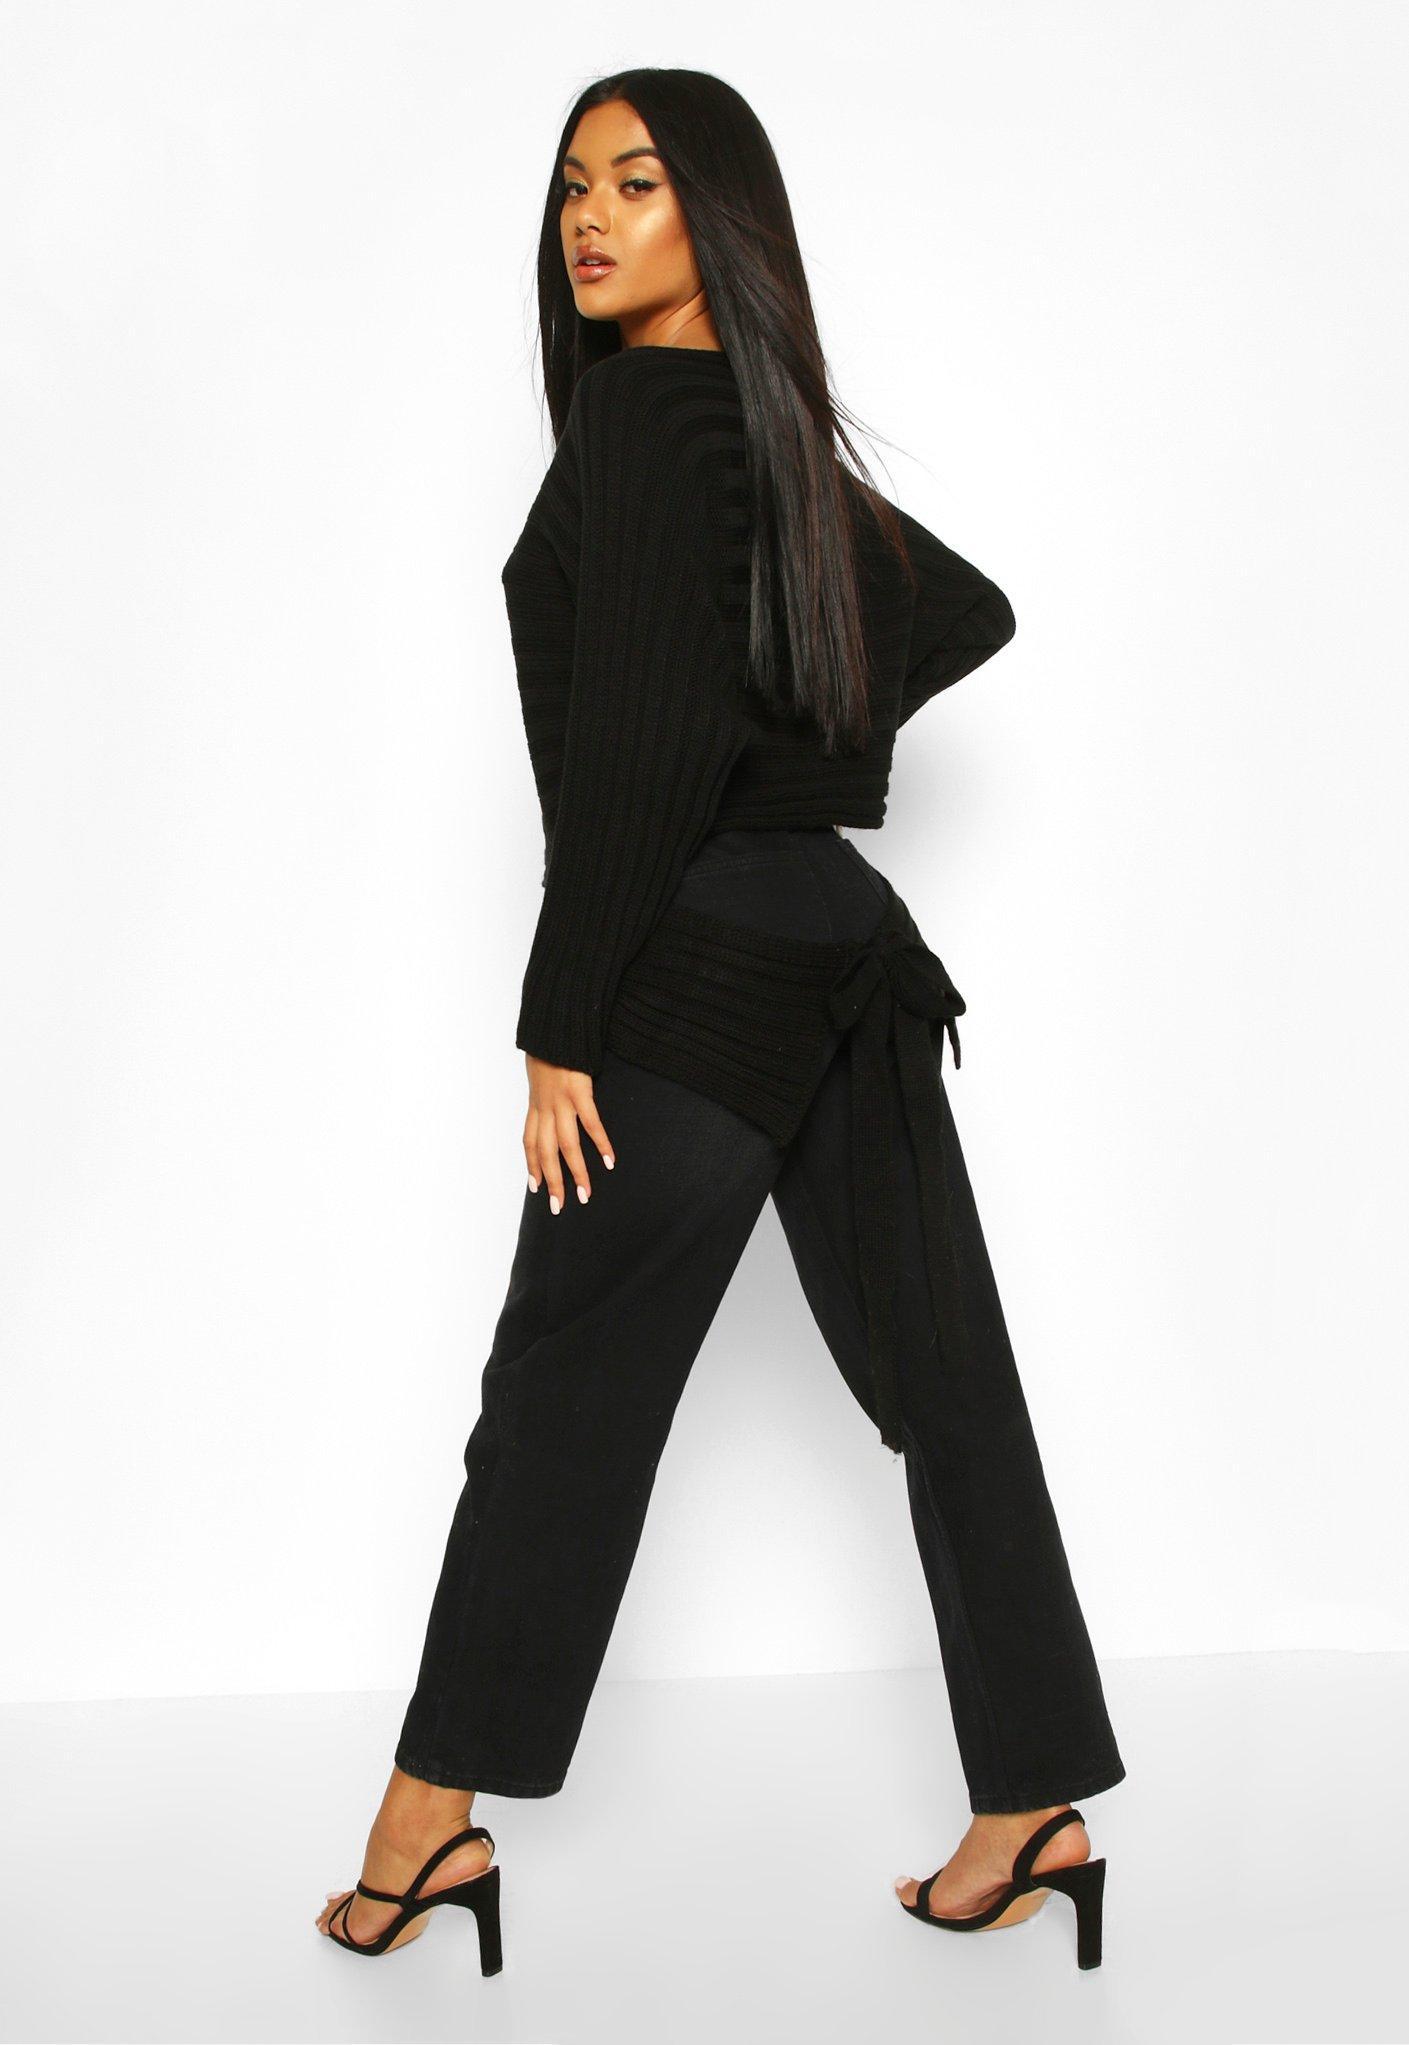 Womens Rippstrick-Pullover mit Taillenbindung und Fledermausärmeln - schwarz - S/M, Schwarz - Boohoo.com